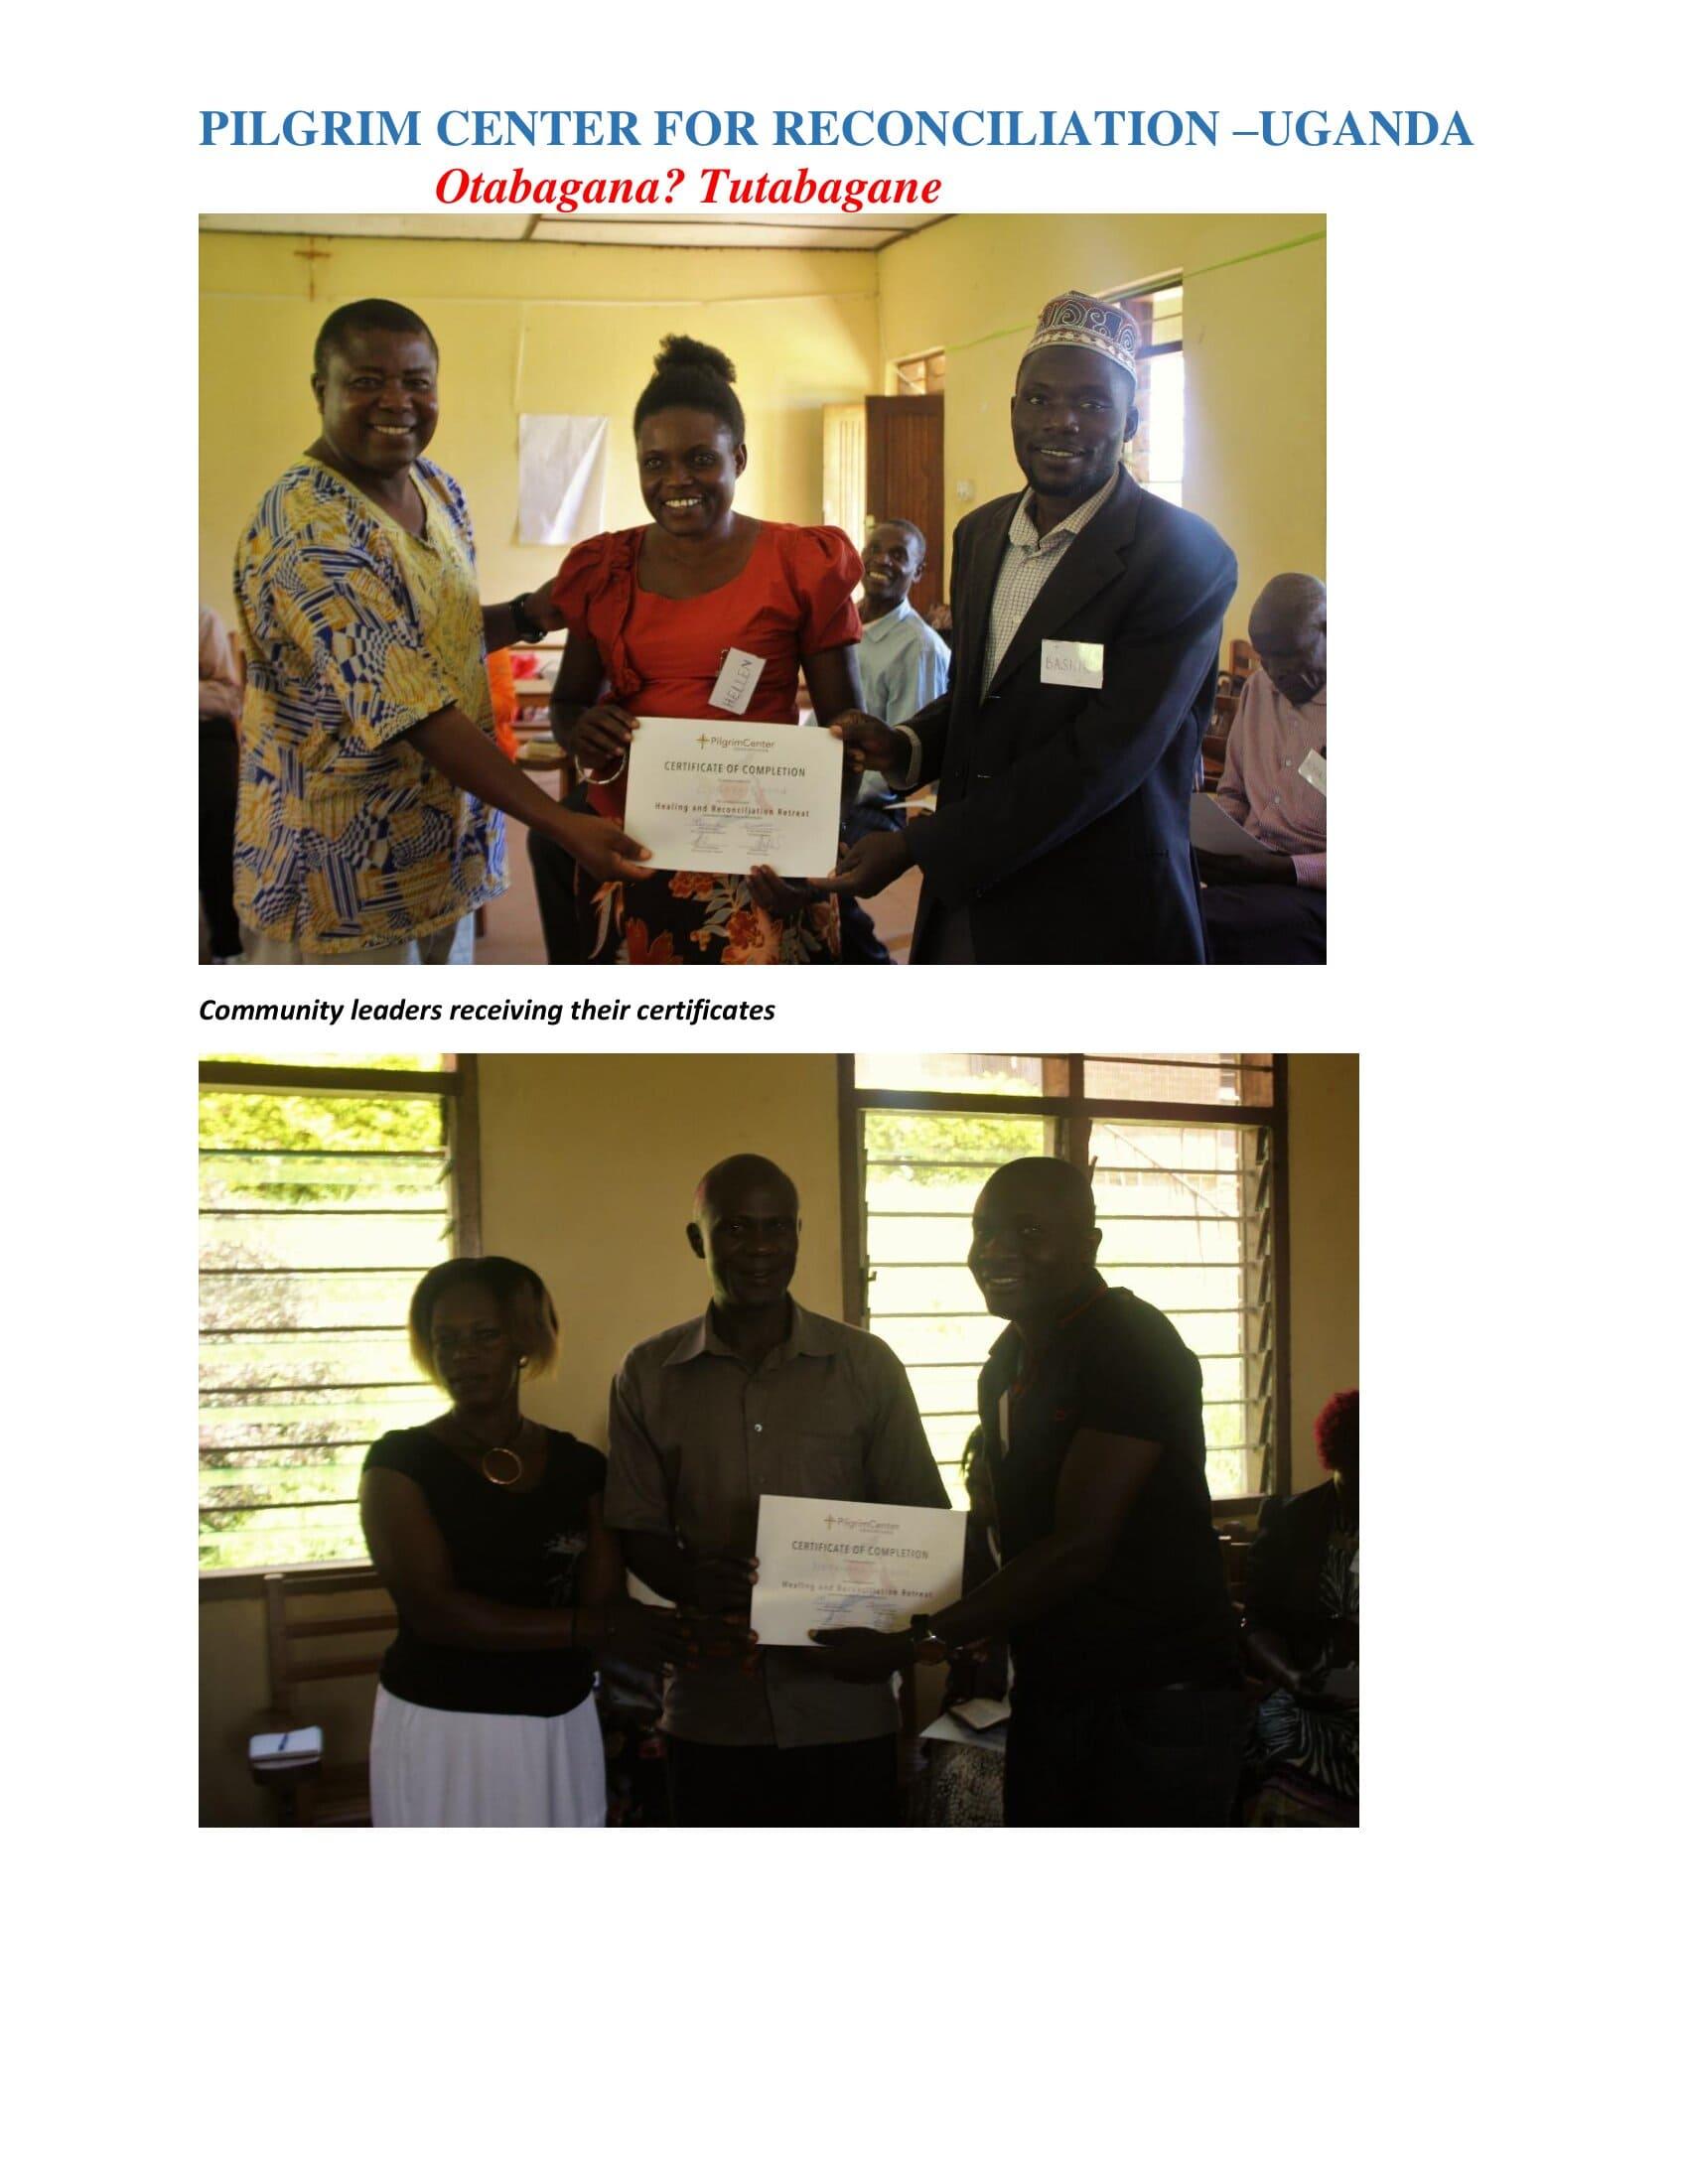 Pirigrim center for reconcilation -Uganda _0023-min